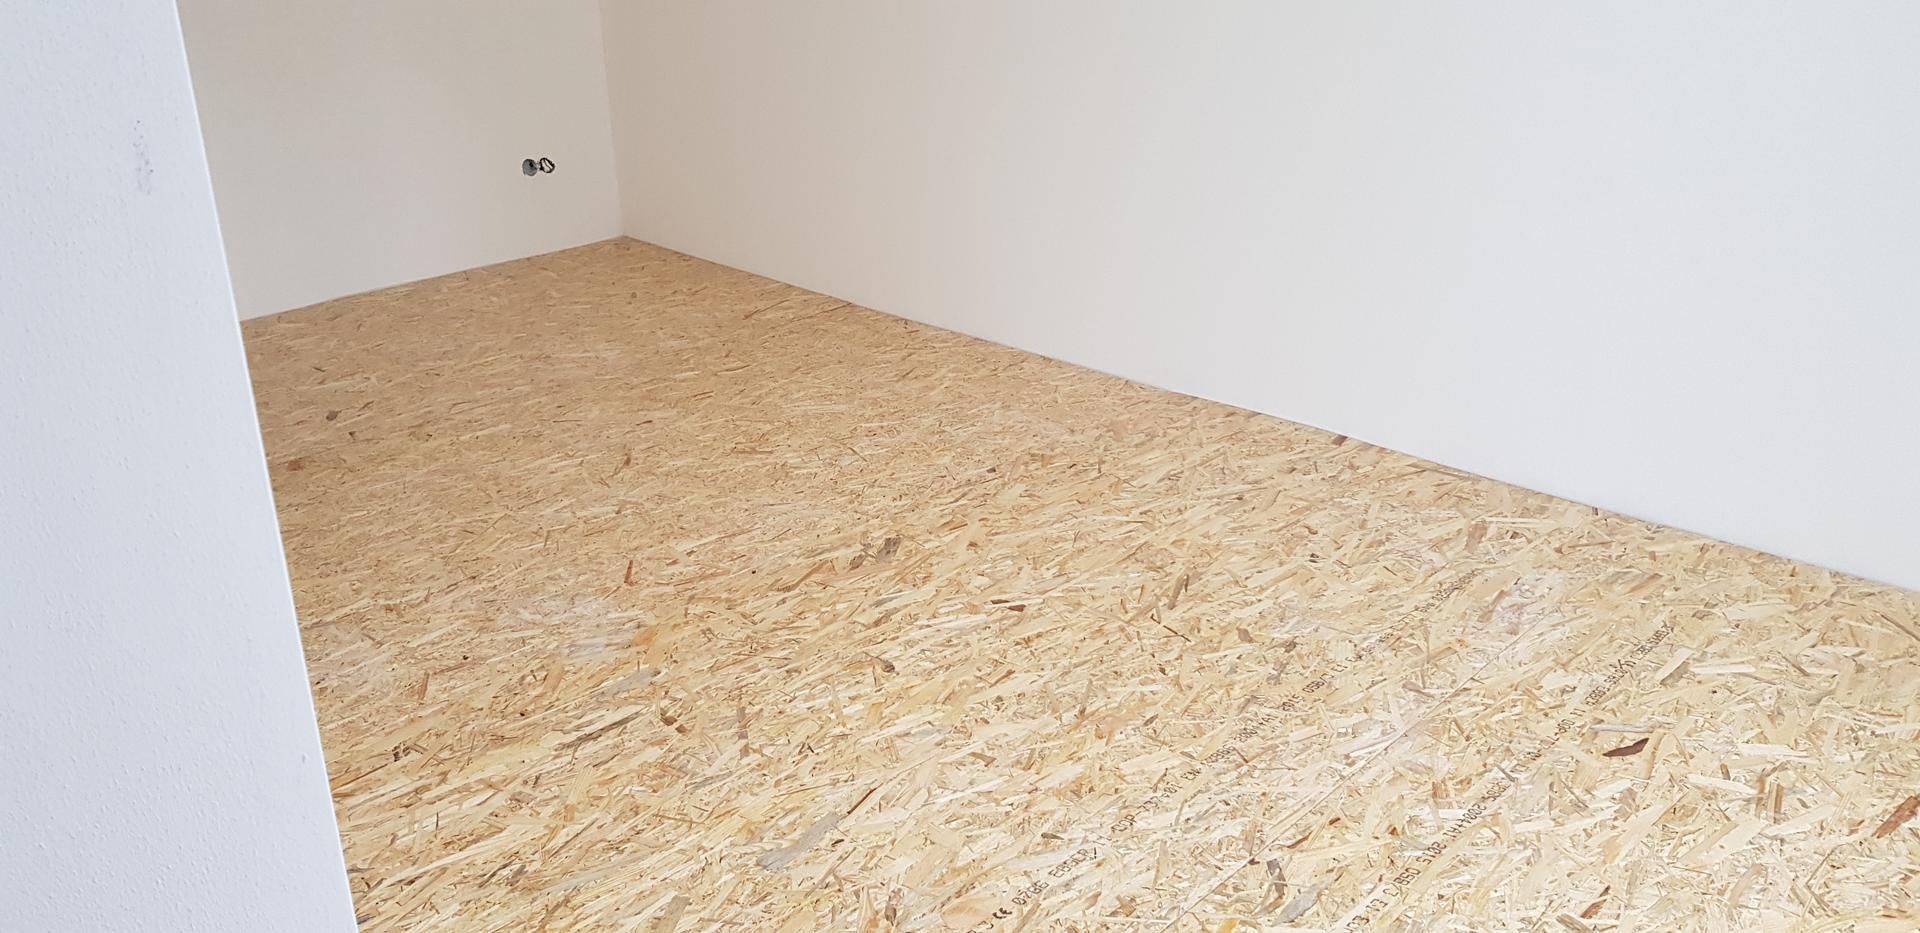 Naša rekonštrukcia - ... na vrch naukladané OSB dosky ako podklad pre laminátovú podlahu, ktorá tam pôjde